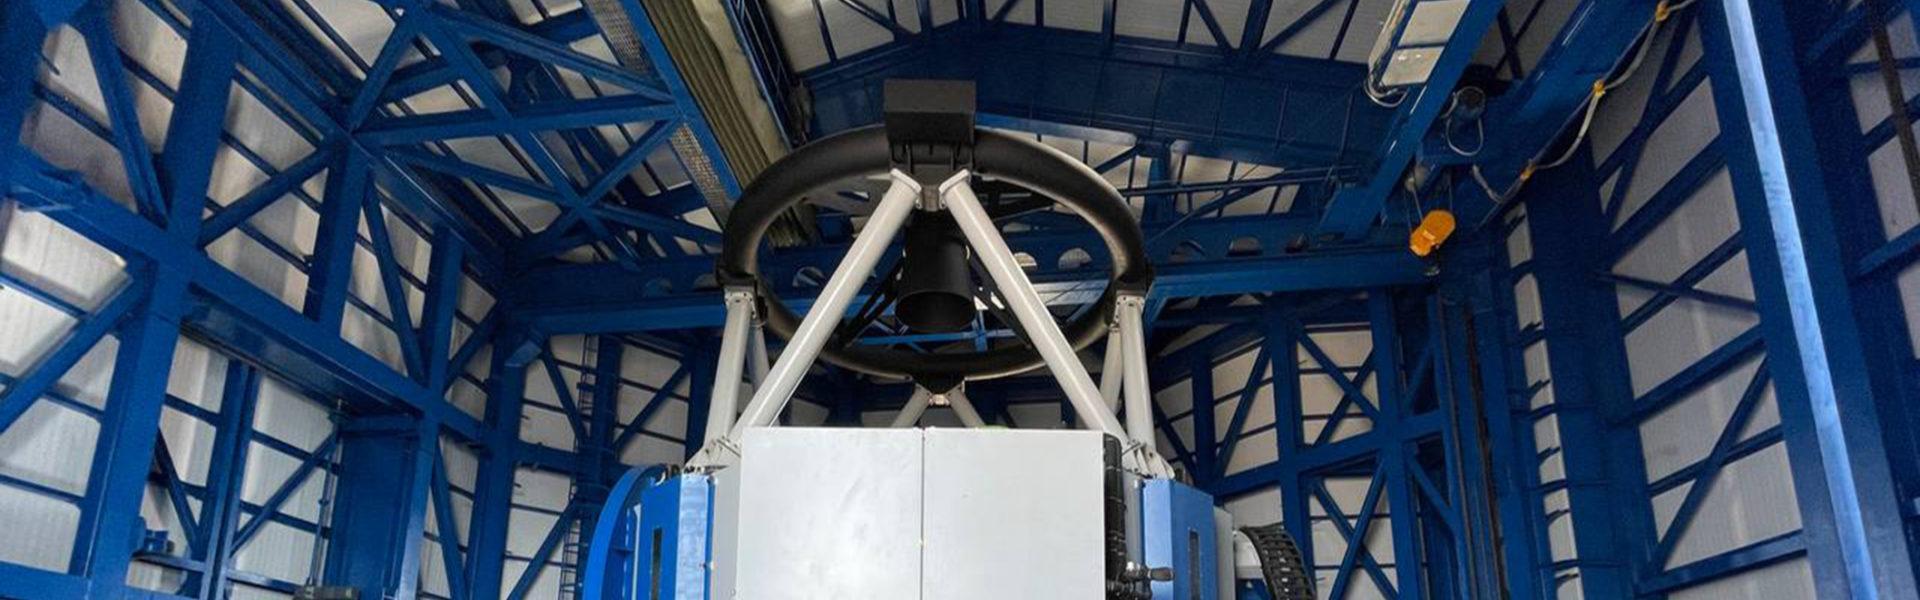 نصب تلسکوپ ۳/۴ متری در رصدخانه